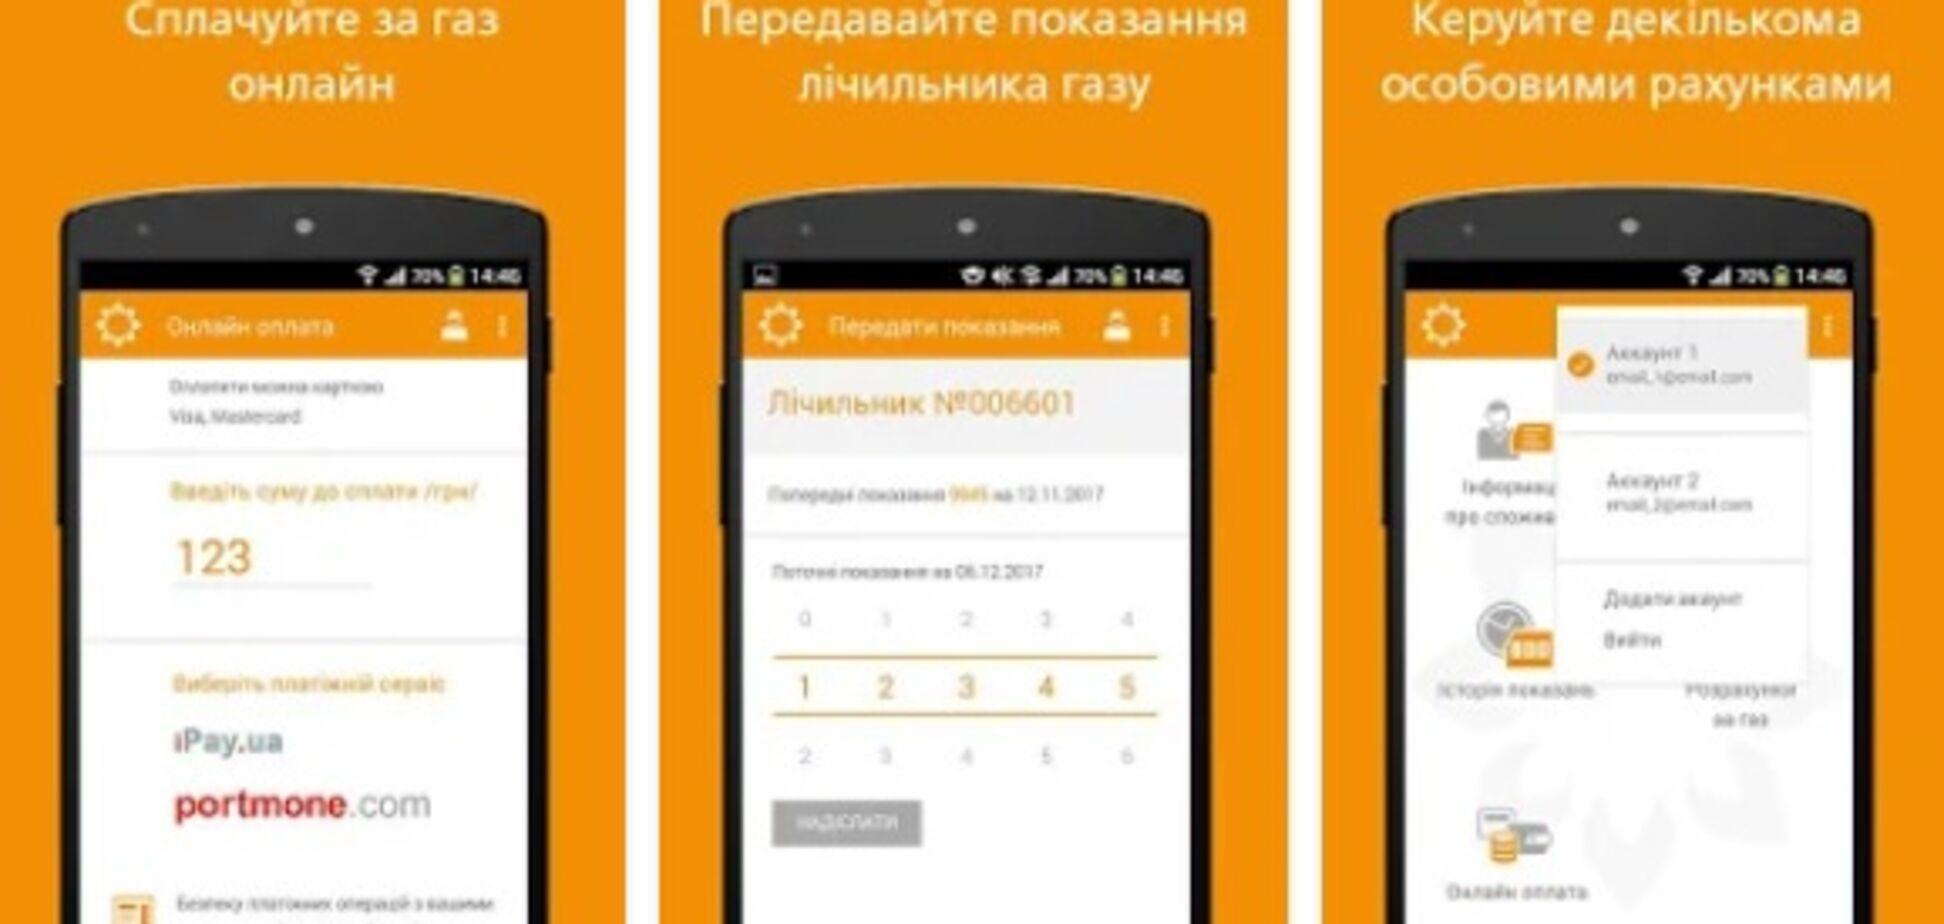 'Запорожгаз' запустил мобильное приложение для оплаты